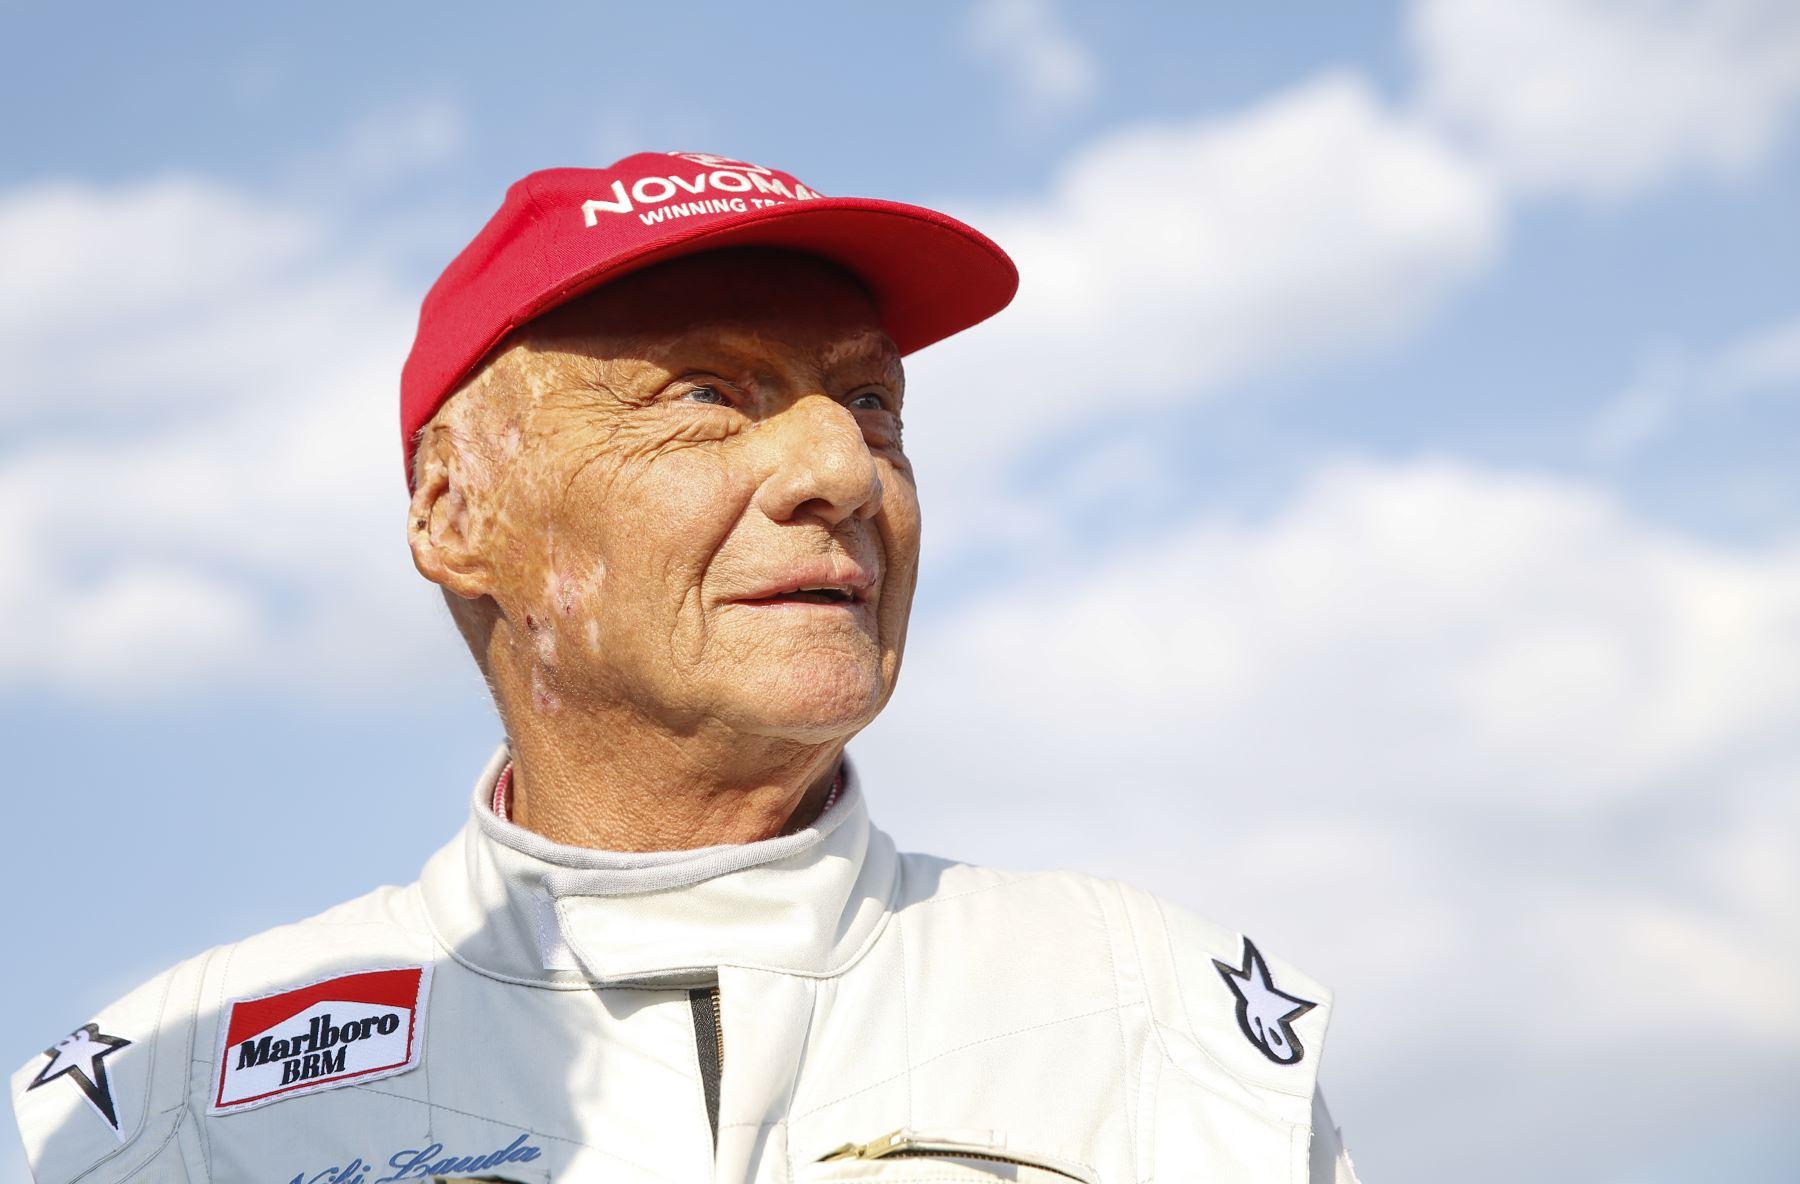 """La leyenda de la Fórmula Uno, el austriaco Niki Lauda, asiste a la """"carrera de leyendas"""" en el hipódromo de Spielberg el 30 de junio de 2018. Foto: AFP"""